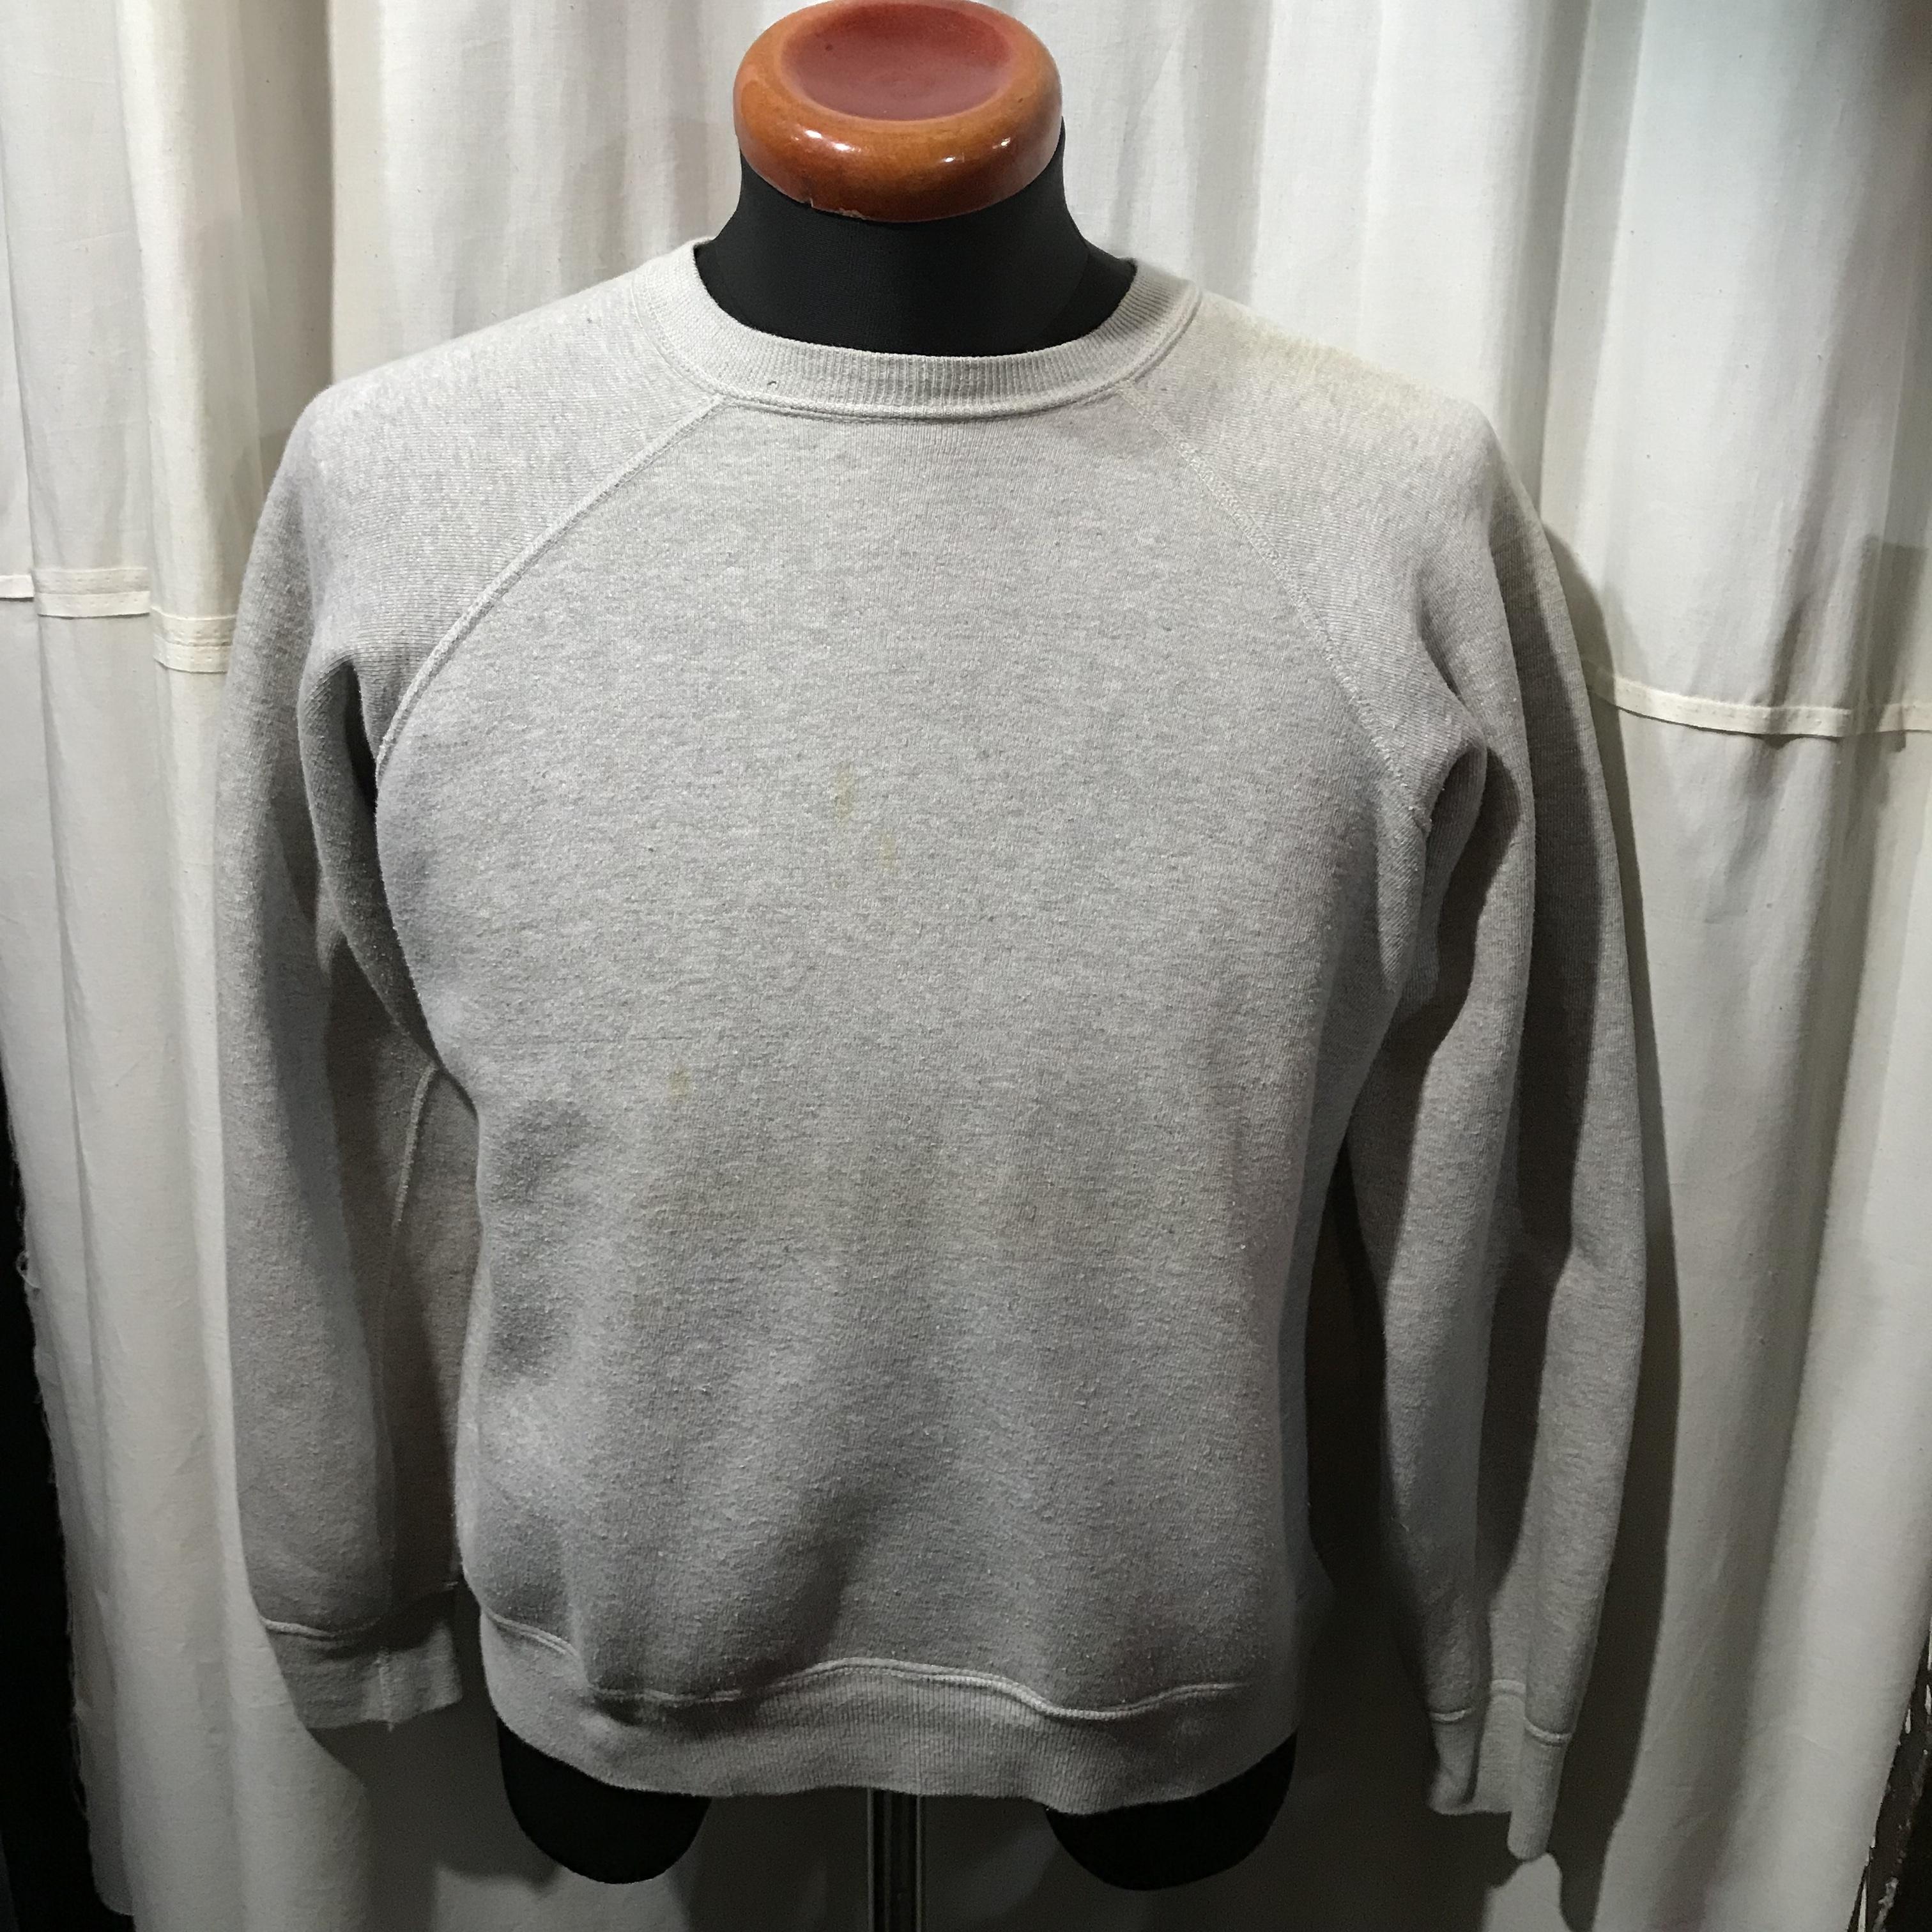 アメリカ製 60's vintage Wilson ウイルソン スウェットシャツ メンズM